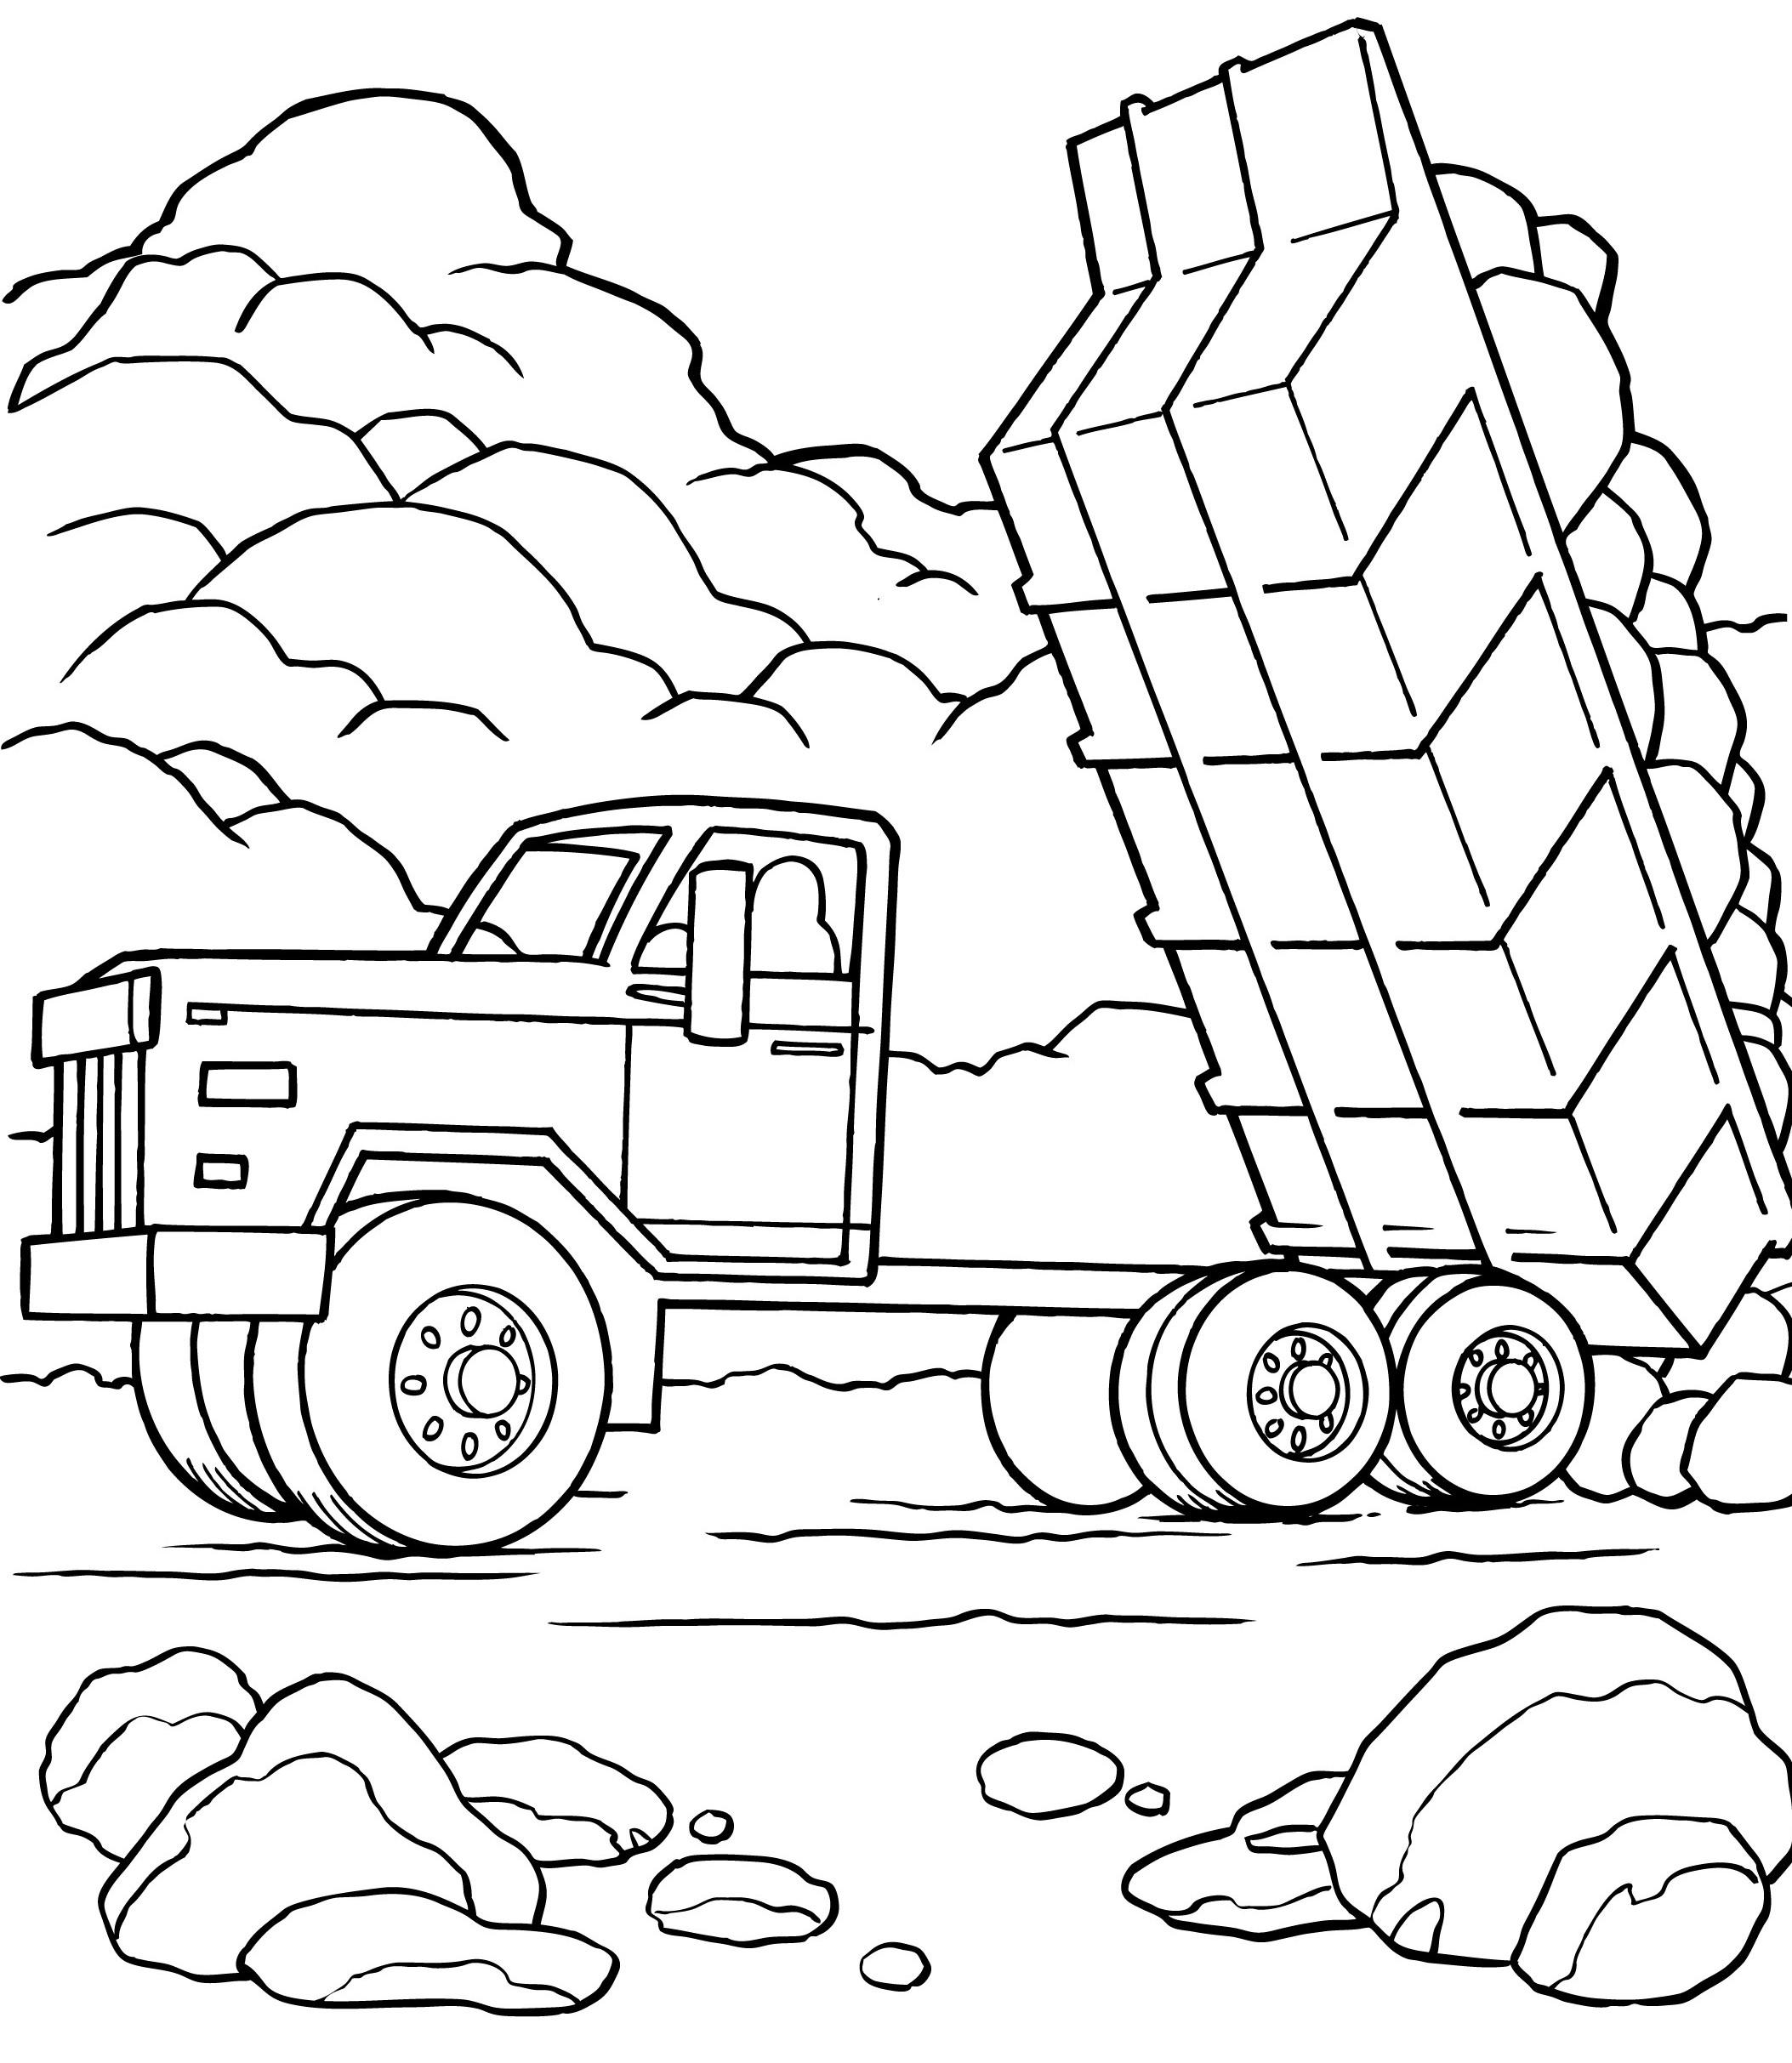 Coloriage Camion #135643 (Transport) - Album de coloriages